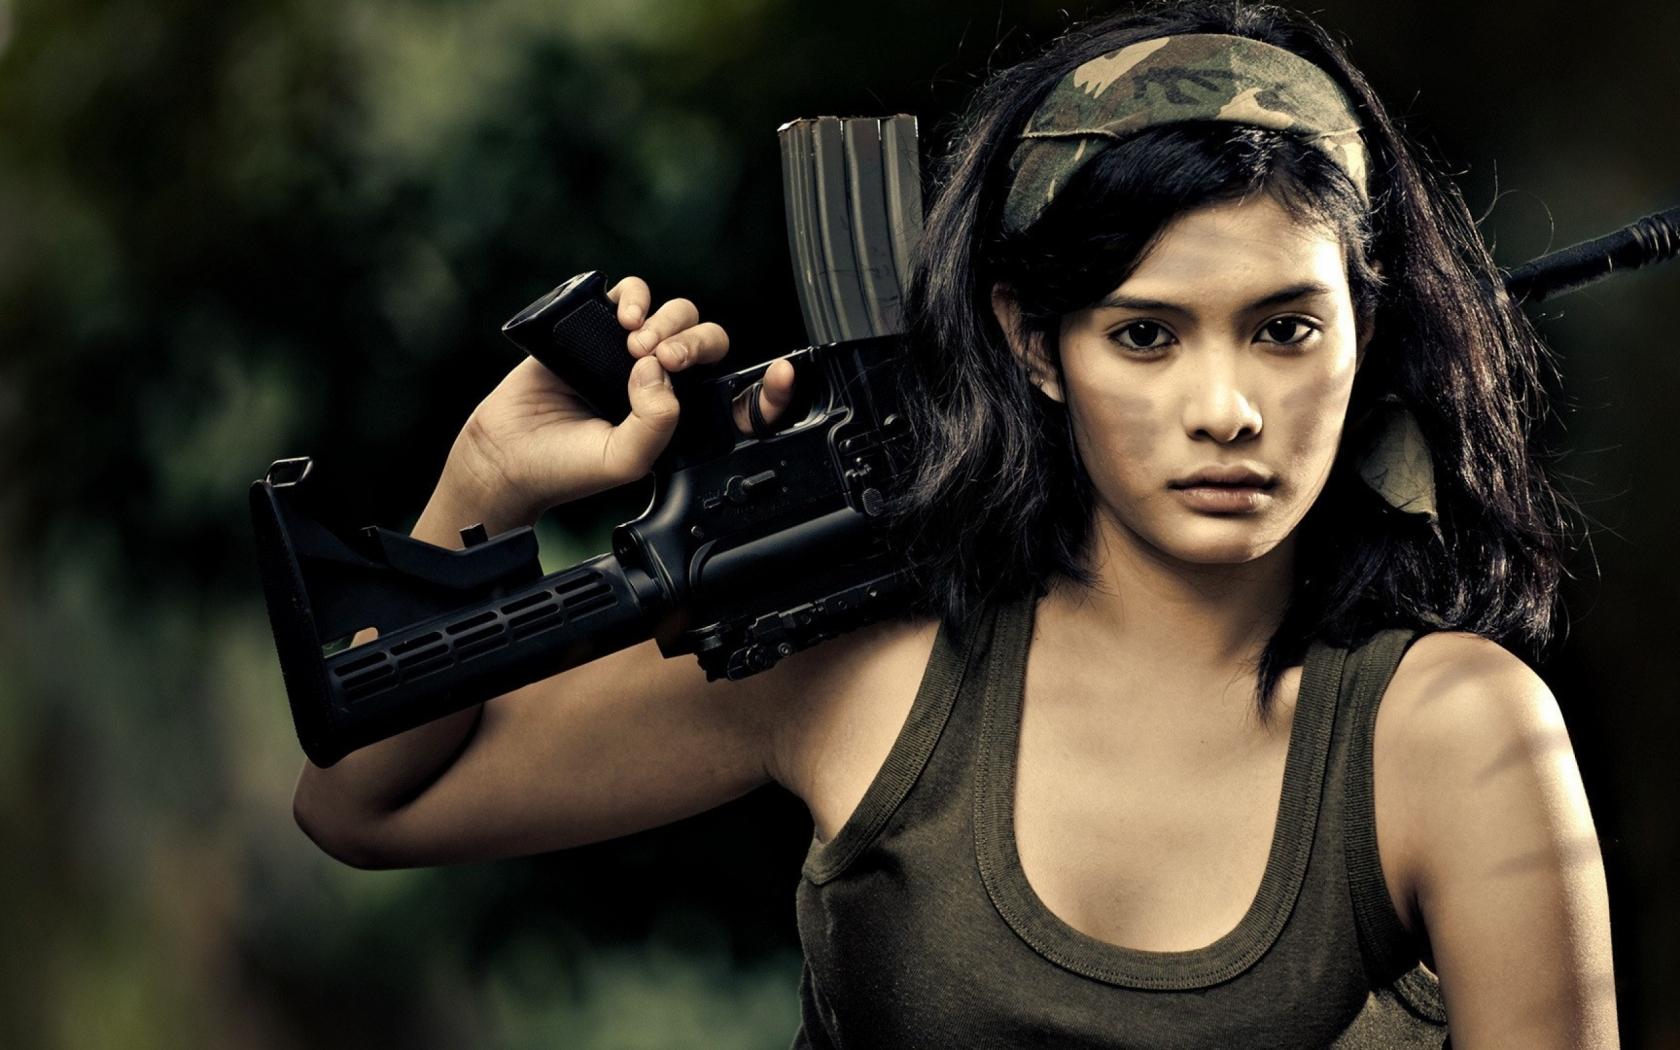 Chica con rifle de asalto - 1680x1050